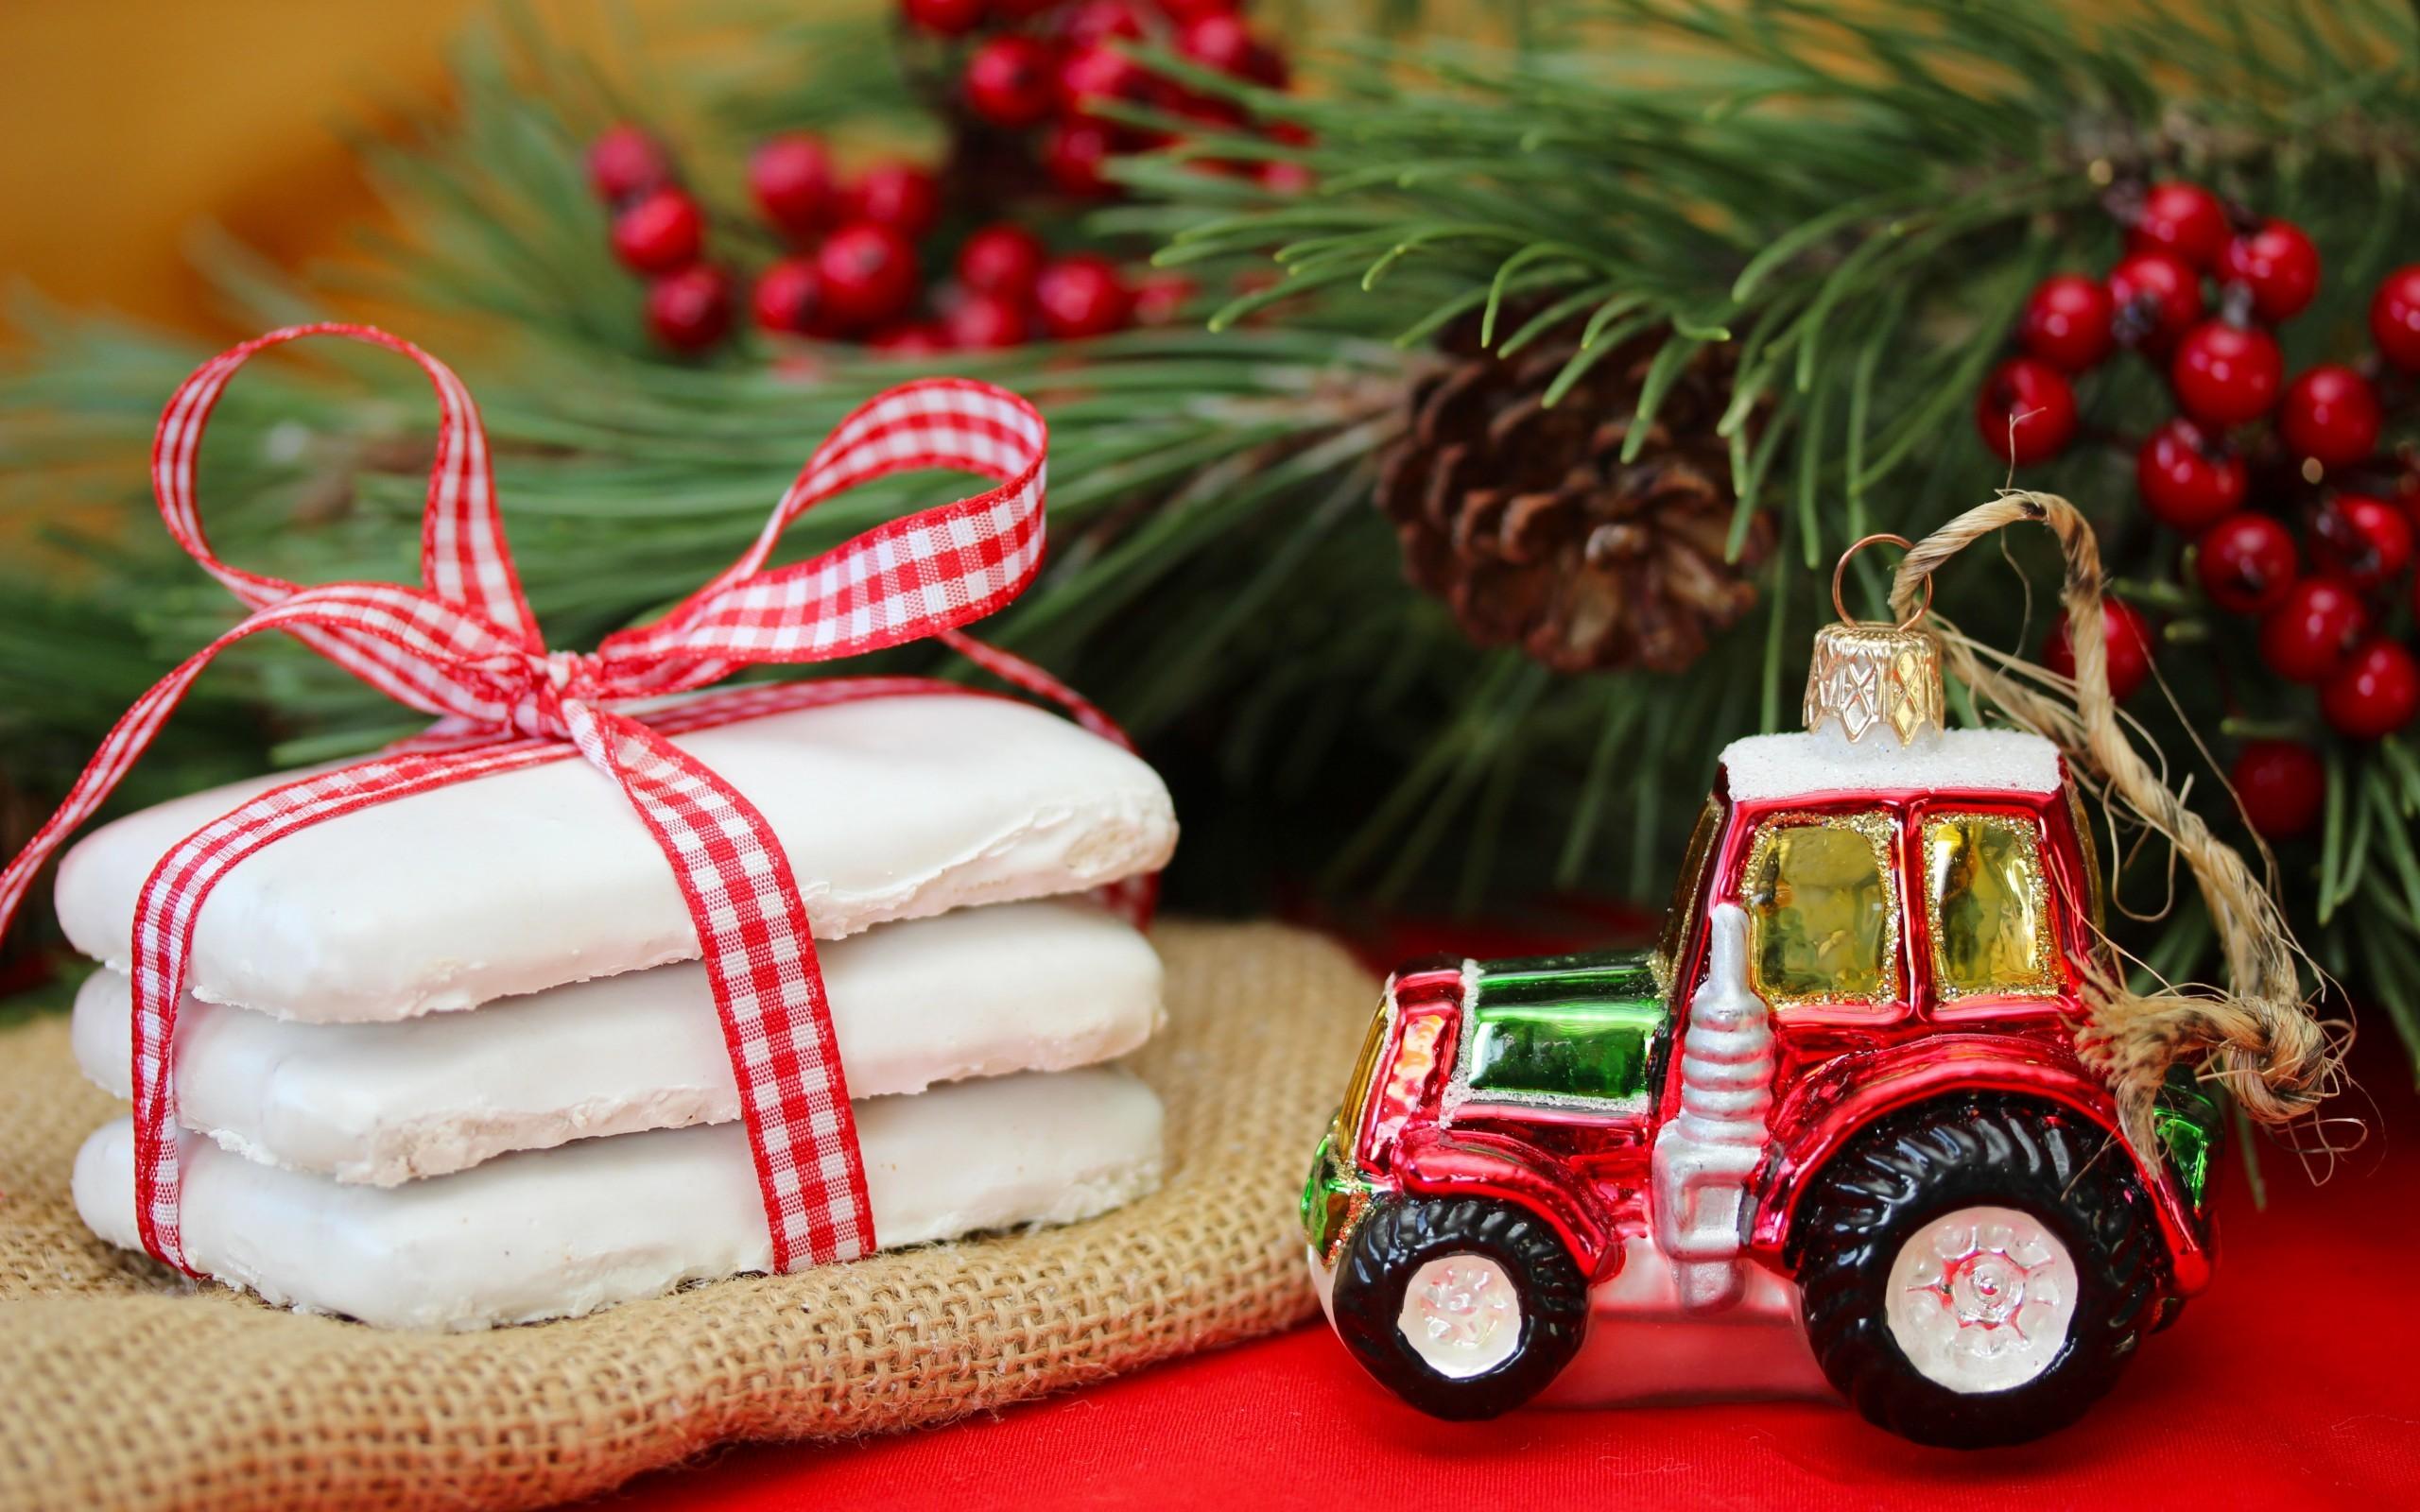 Wallpaper : makanan, merah, Pohon Natal, hari Natal, liburan